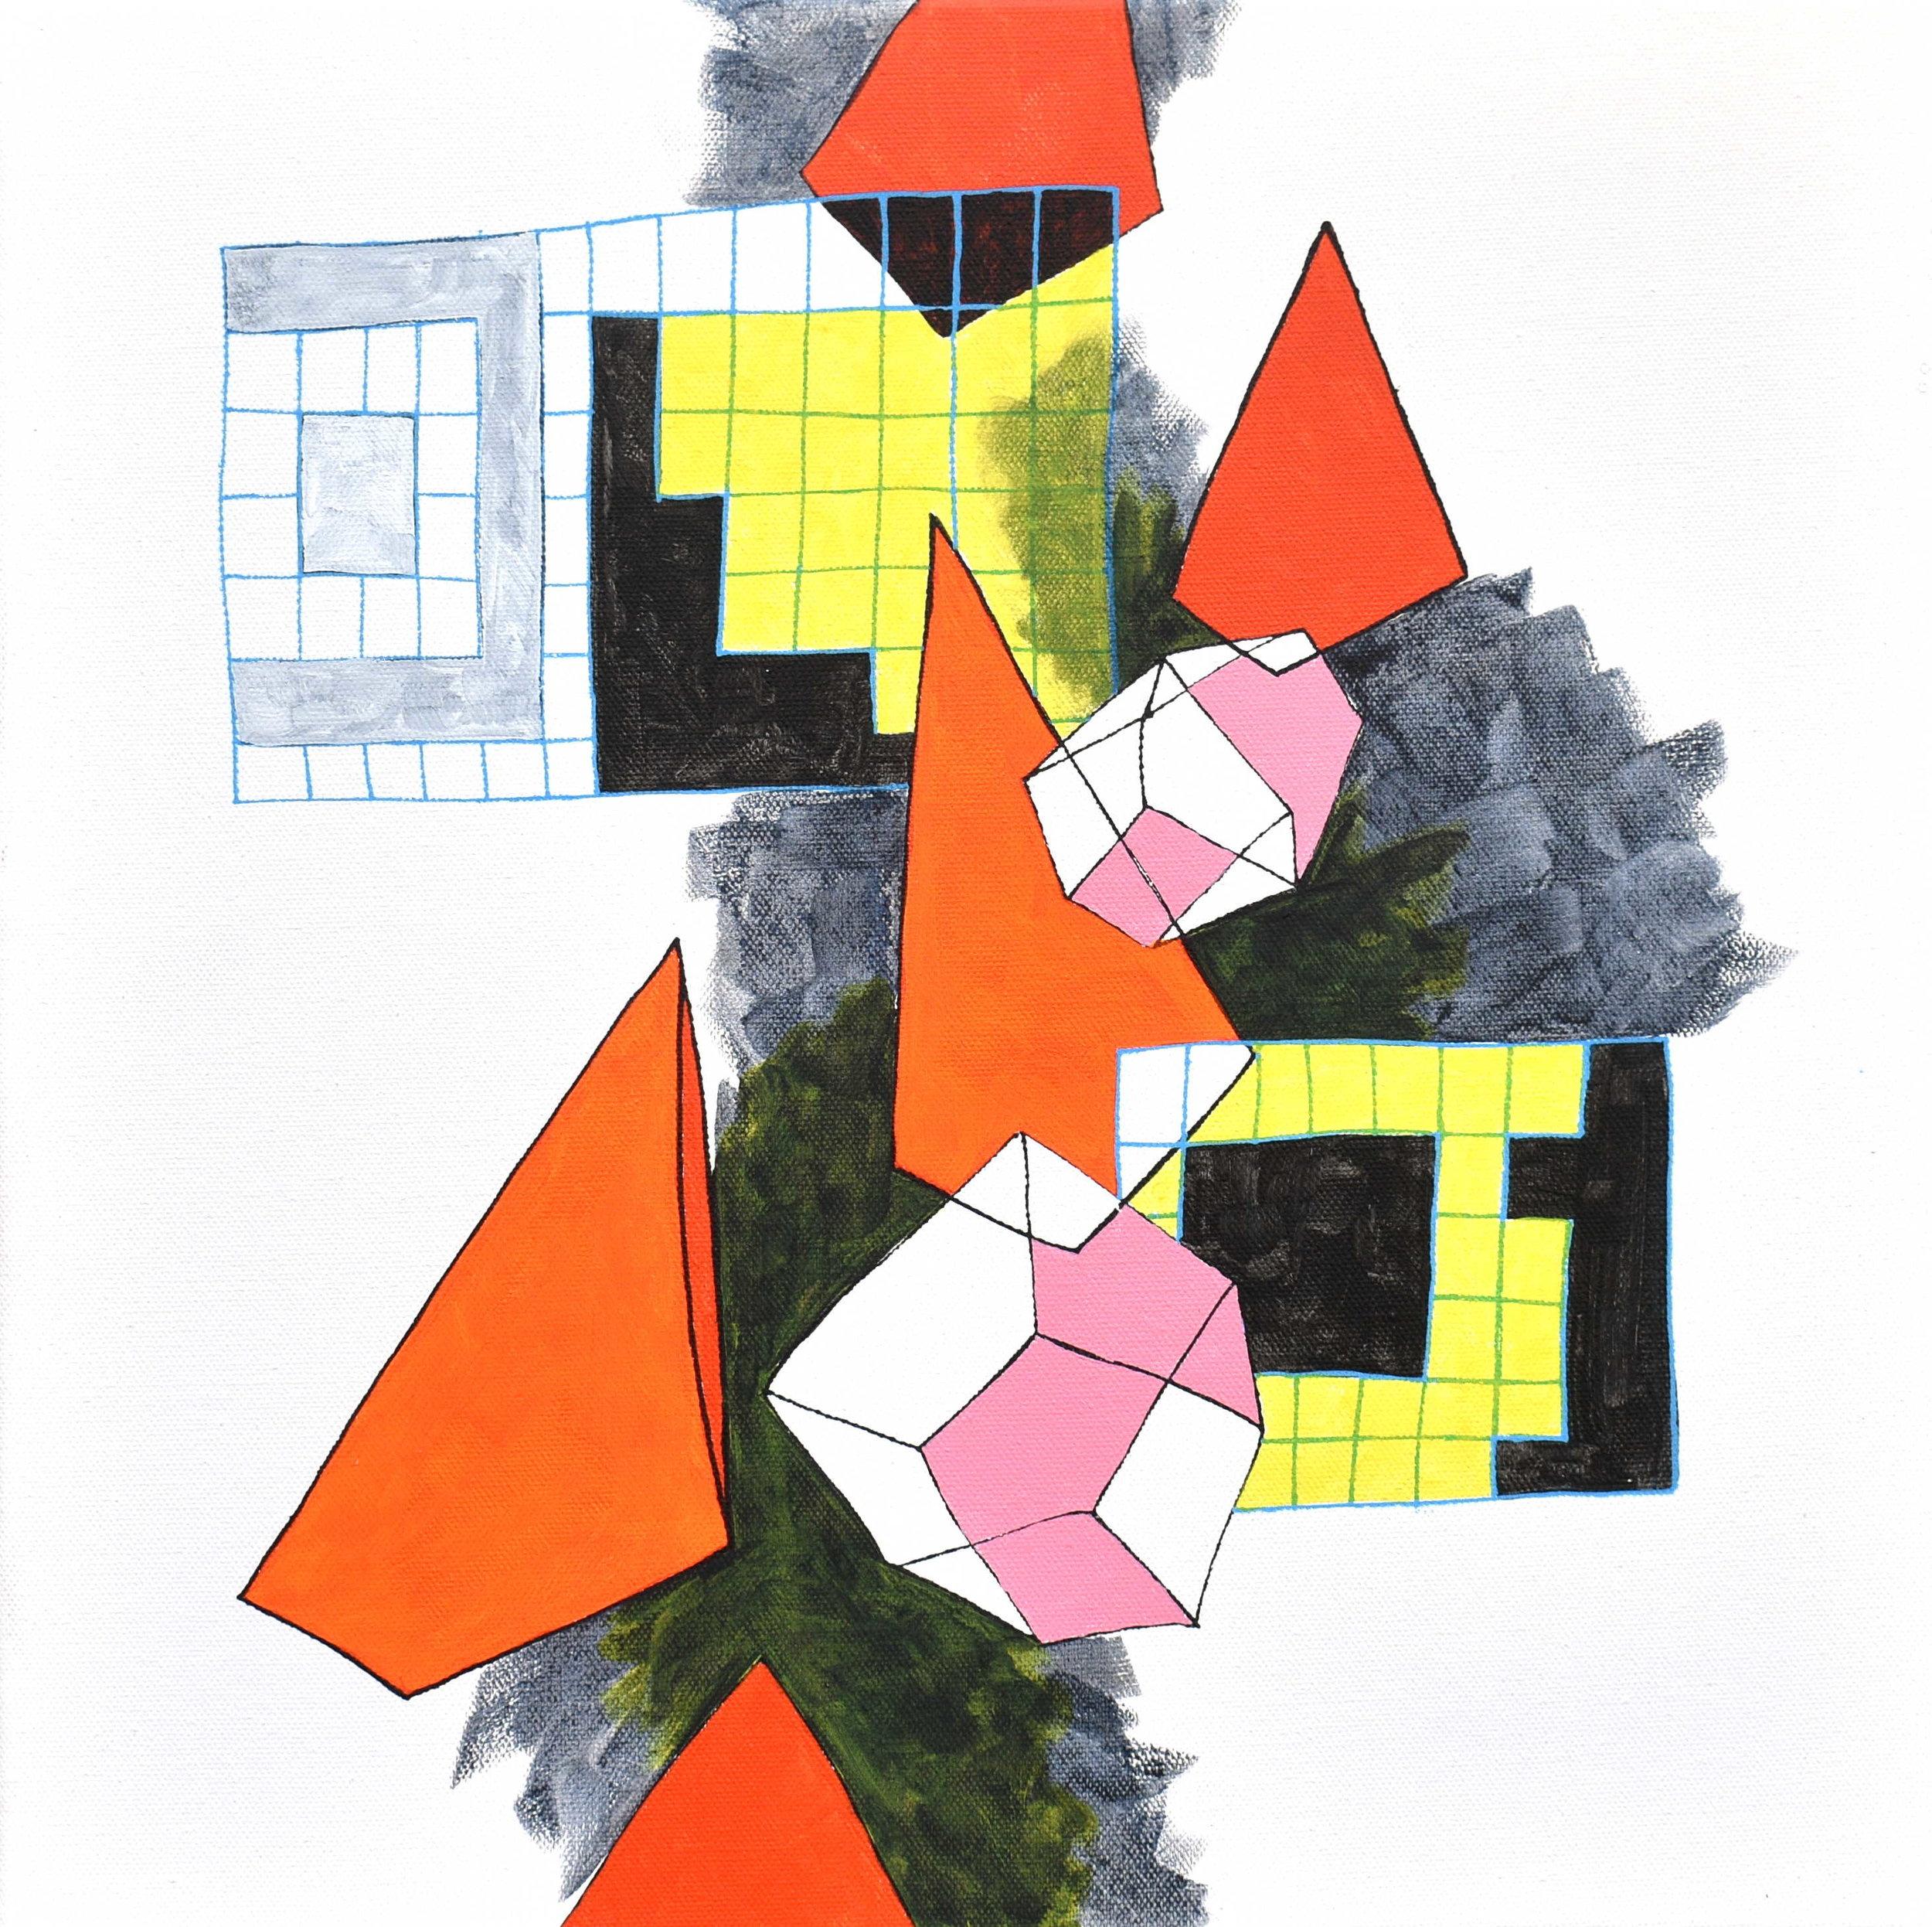 pyramid scheme 5 compressed.jpg